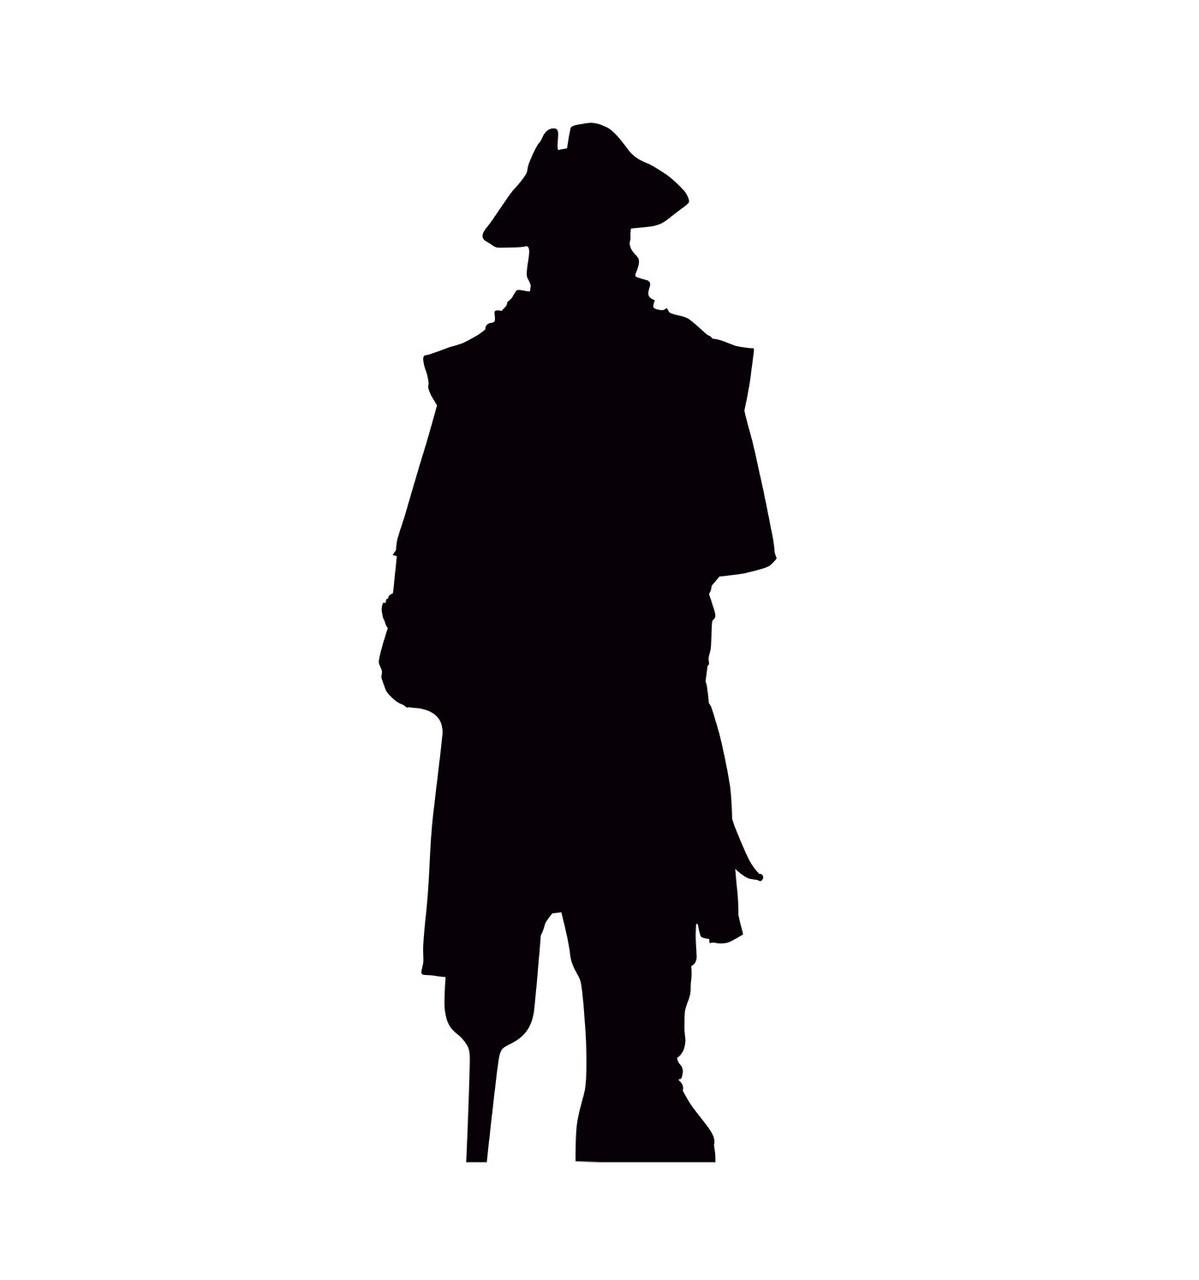 Pirate silhouette cardboard cutout